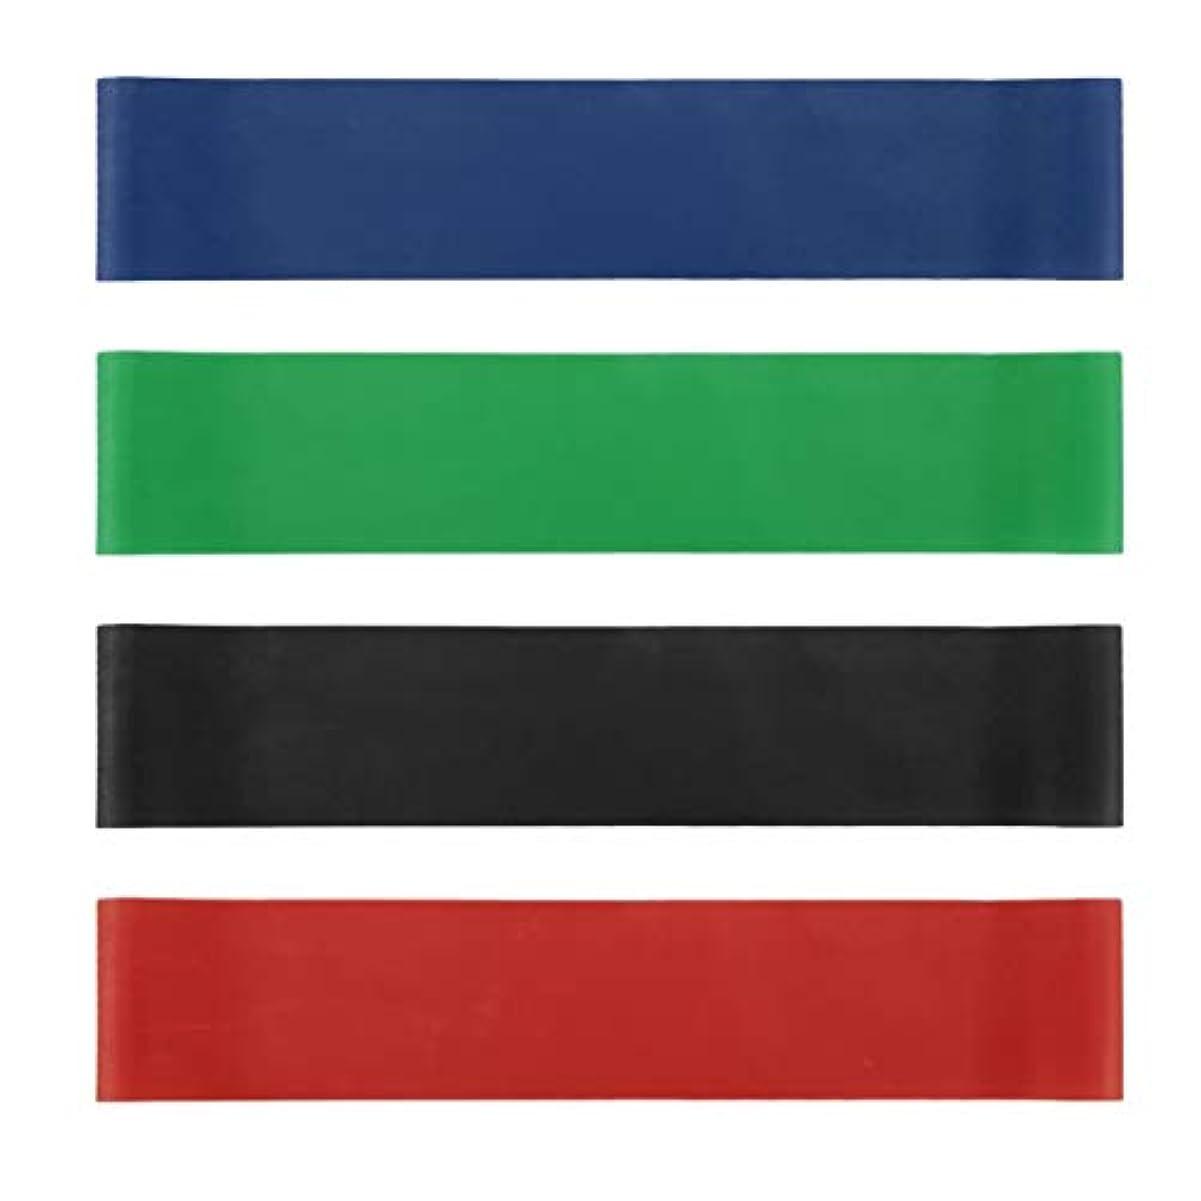 4本の伸縮性ゴム弾性ヨガベルトバンドプルロープ張力抵抗バンドループ強度のフィットネスヨガツール - レッド&ブルー&グリーン&ブラック